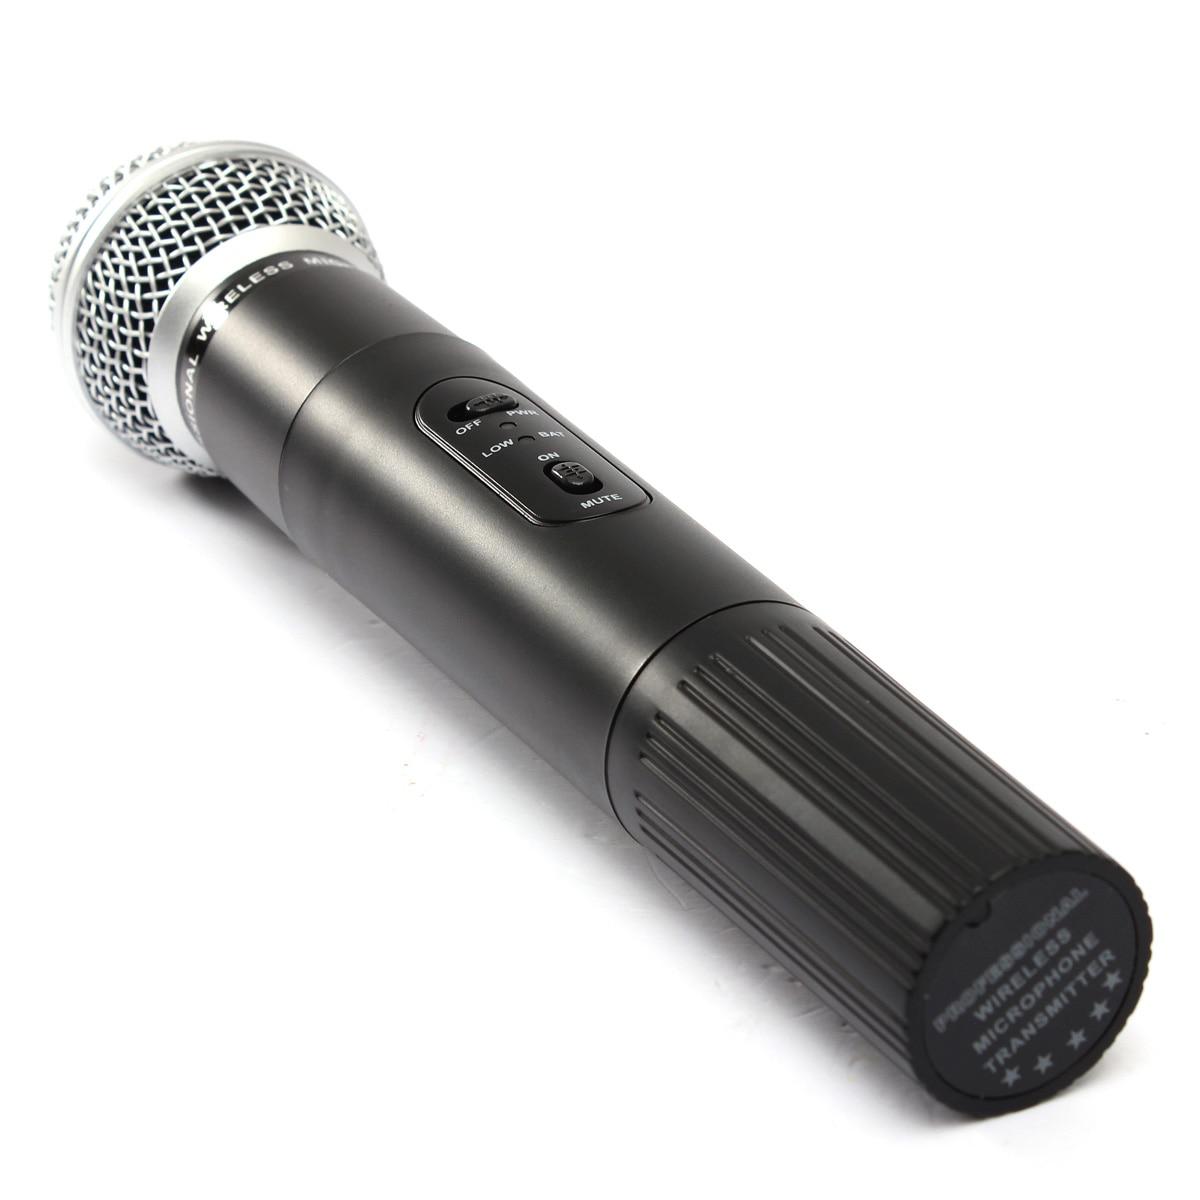 LEORY système de Microphone sans fil karaoké professionnel avec connecteur et récepteur Microphone à condensateur double micro pour le chant KTV - 4